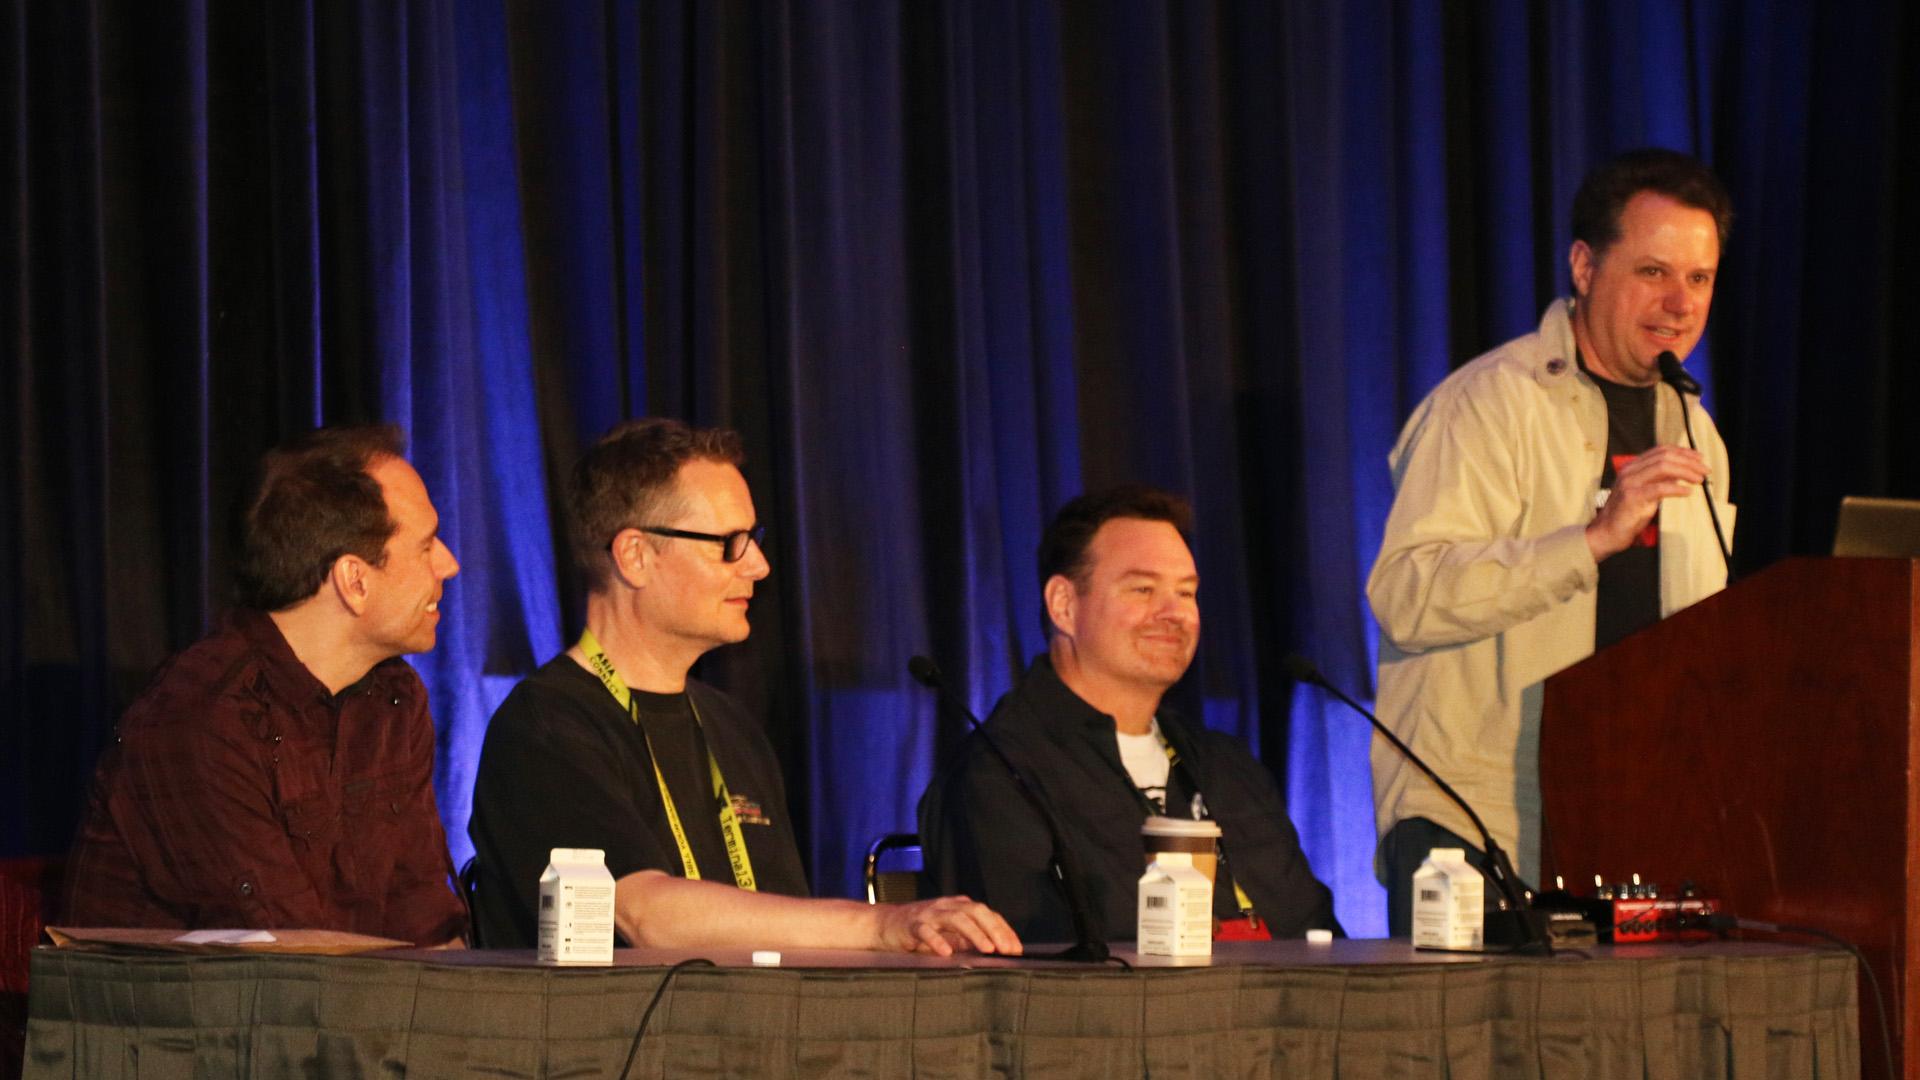 Westwood Studios: Command & Conquer rockt die GDC 2019 - Frank Klepacki, Steve Wetherill, Erik Yeo und Louis Castle auf der GDC 2019 (von links nach rechts). (Golem.de/P. Steinlechner)